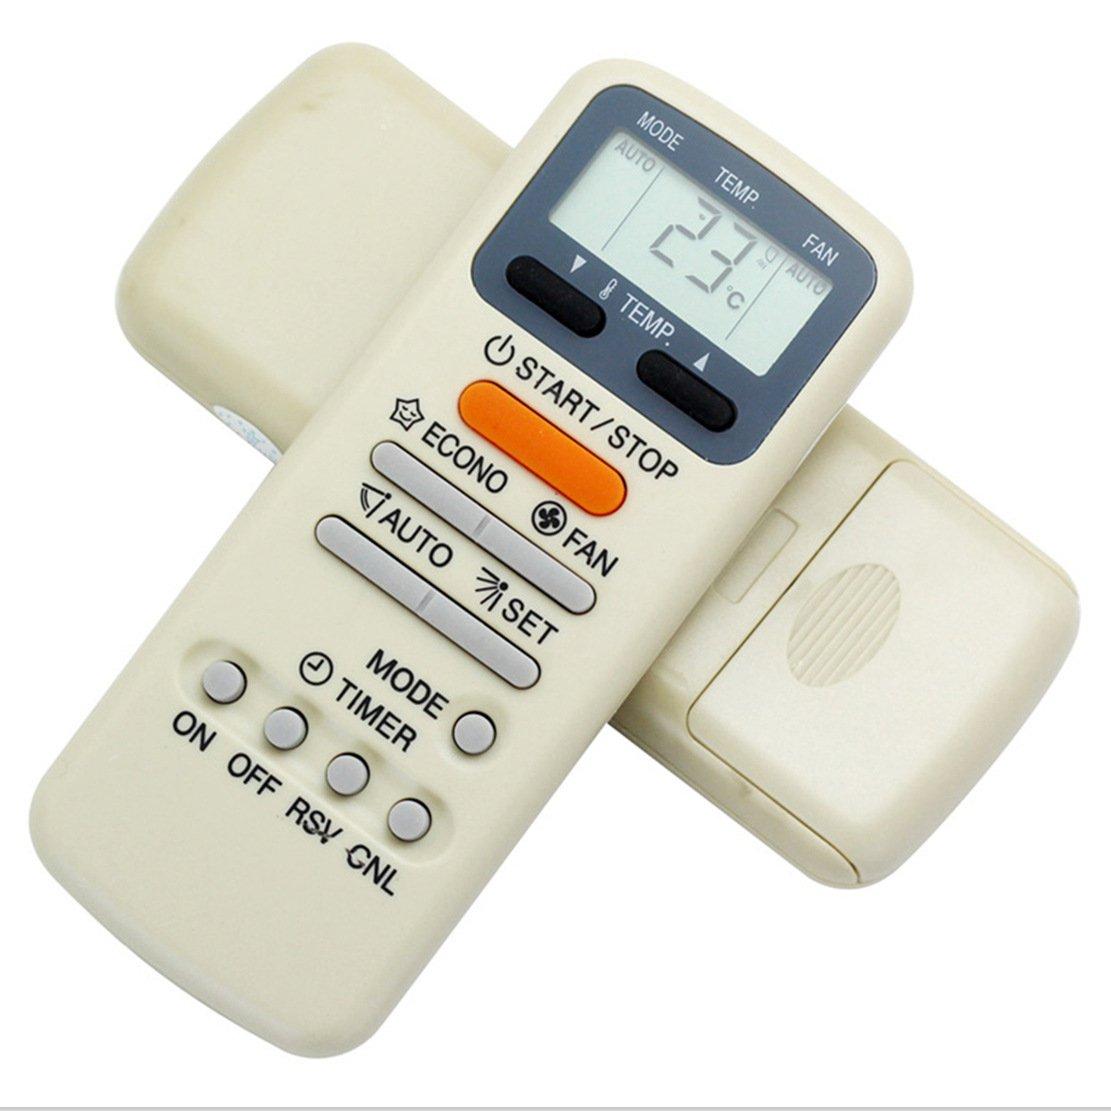 Air Conditioner Remote Control for Toshiba WH-E1NE WH-D9S WH-E1BE KTDZ002